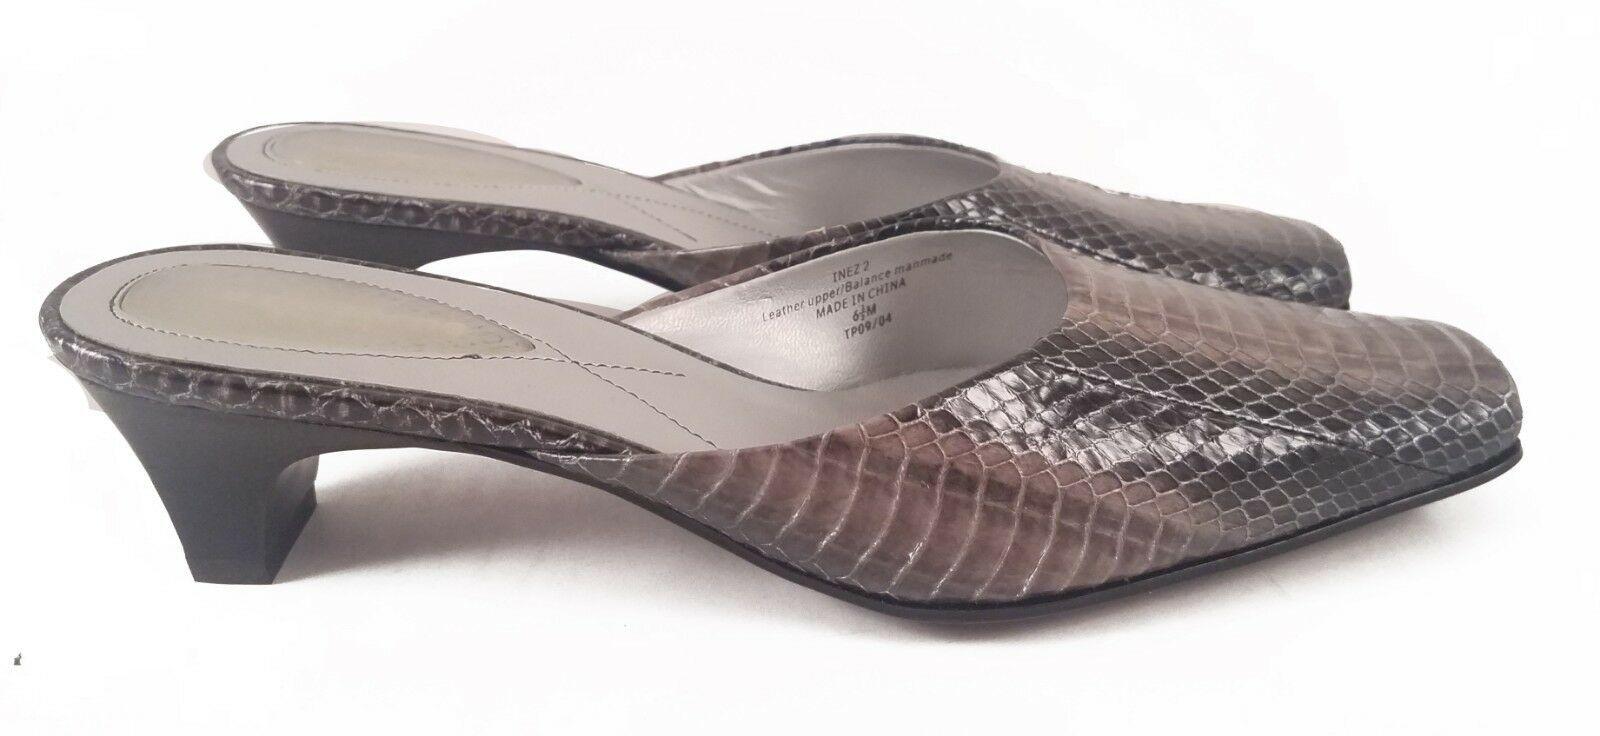 Ladies Liz Claiborne Faux Snakeskin Sandals Size 6.5 M - $18.50